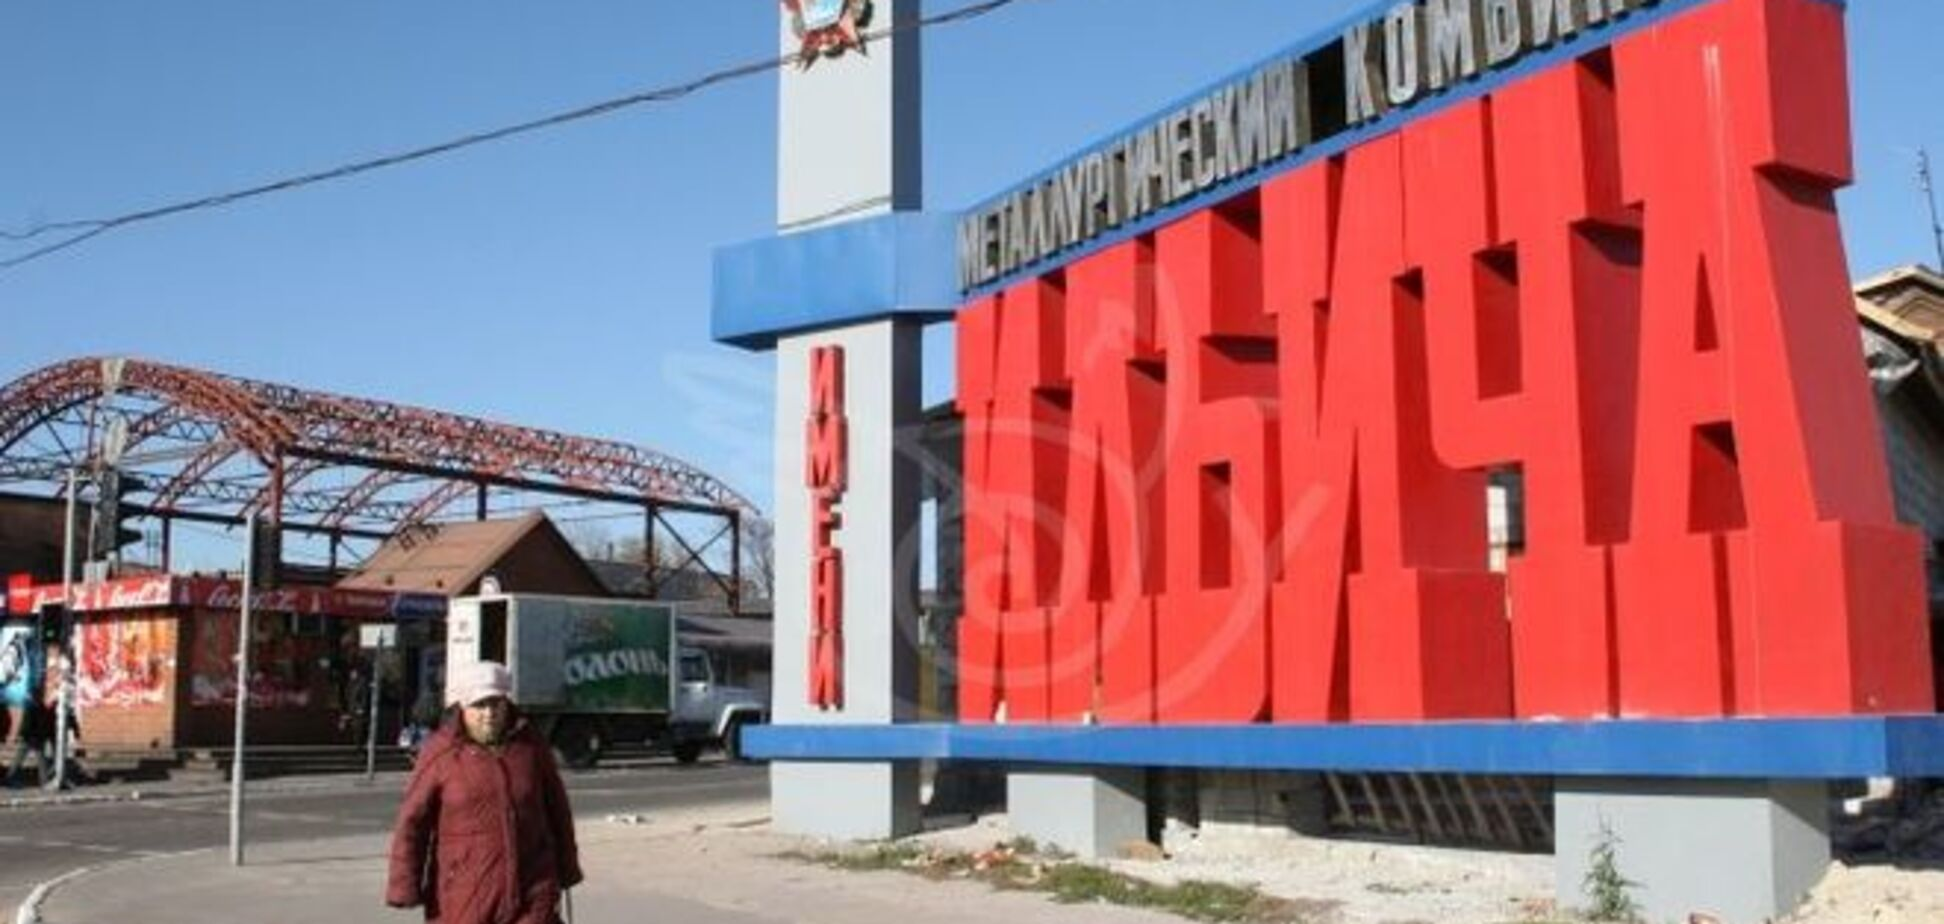 Ахметов продал оккупантам свои мариупольские активы?